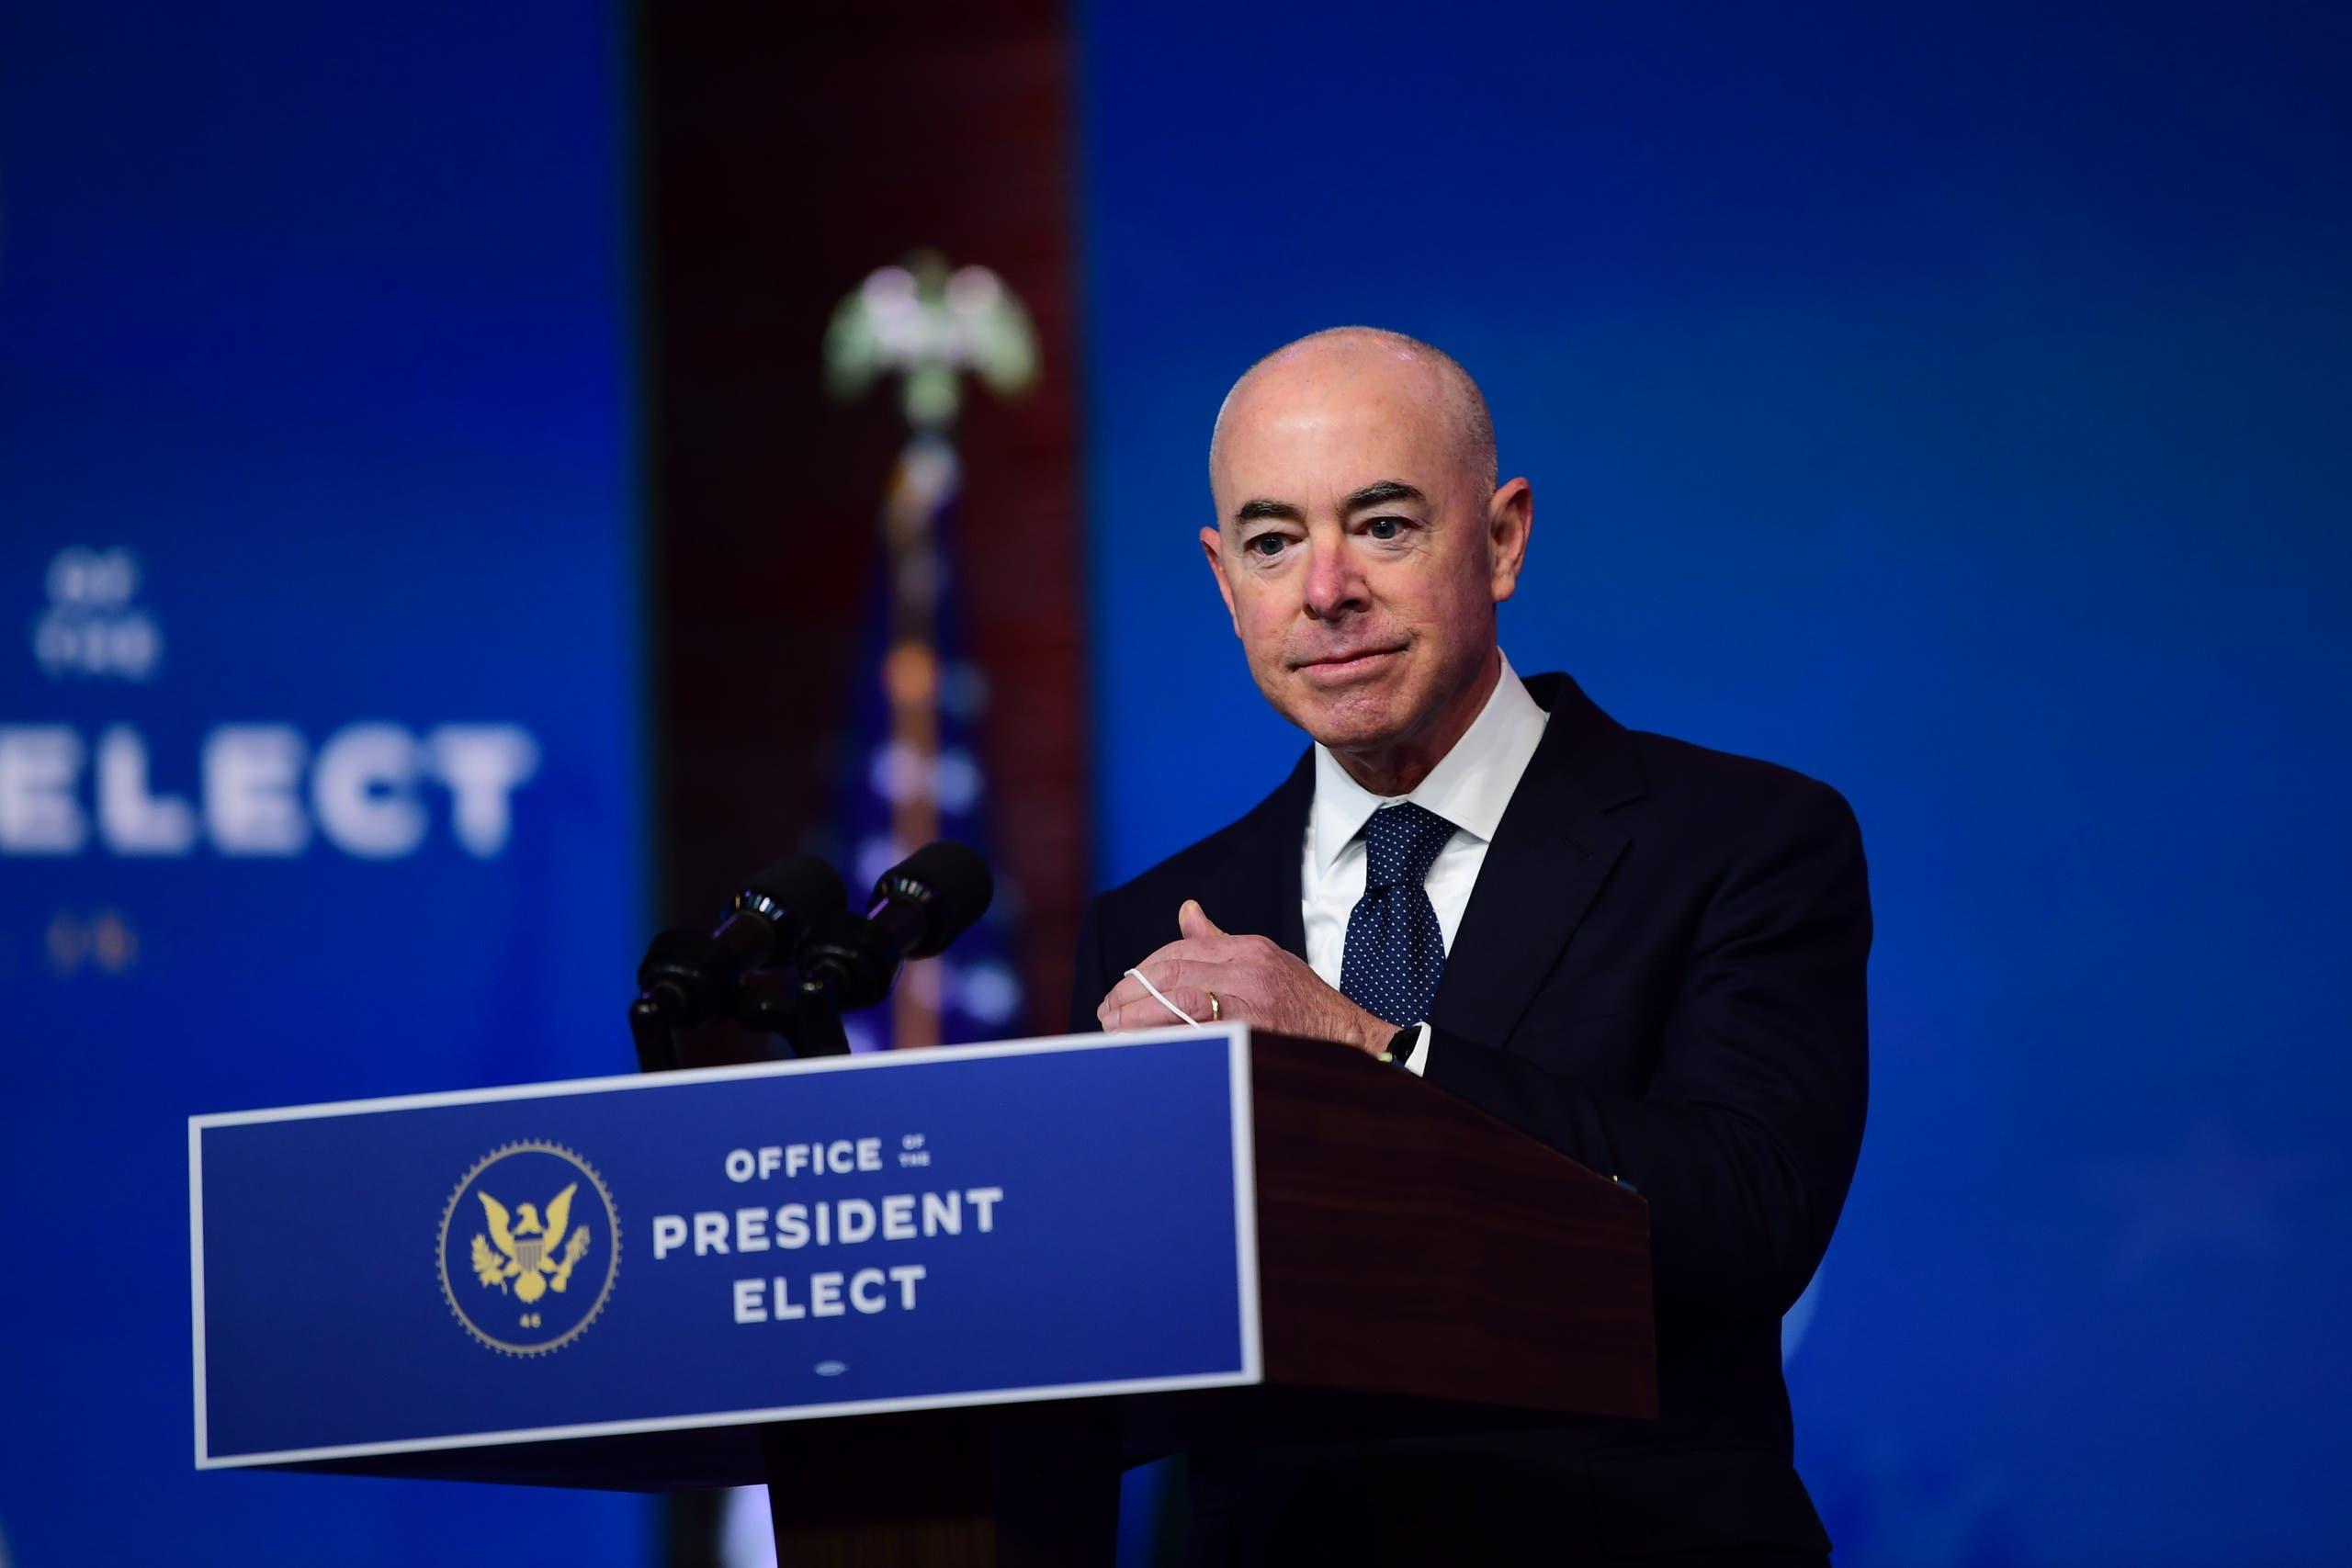 أليخاندرو مايوركاس الذي يعتزم بايدن تعيينه رئيساً للأمن الداخلي